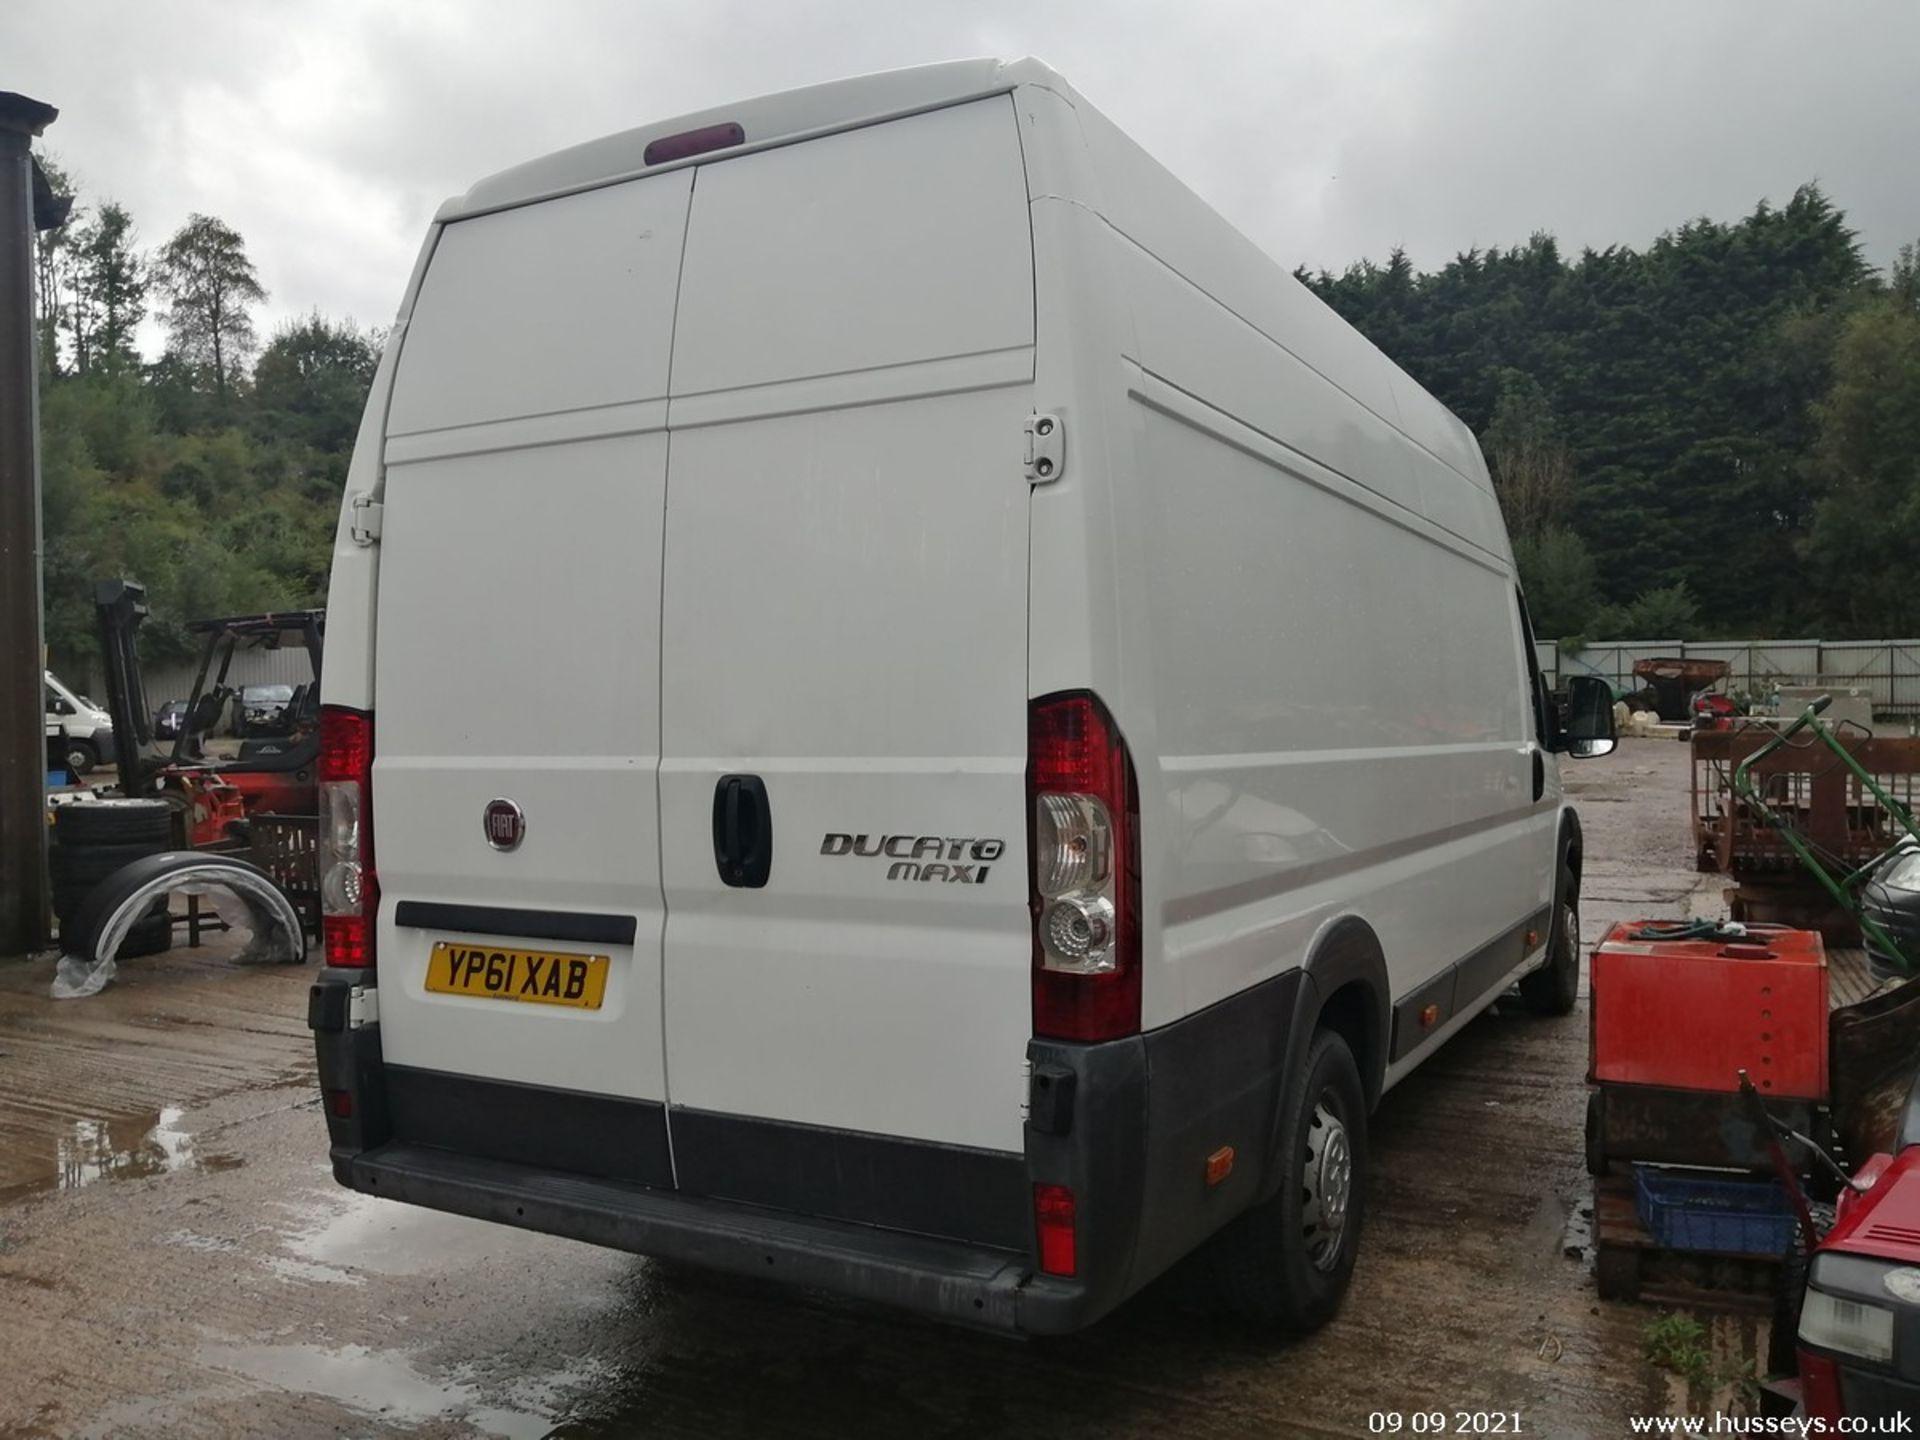 11/61 FIAT DUCATO 35 MAXI160 M-J LWB - 2999cc 5dr Van (White, 108k) - Image 5 of 12